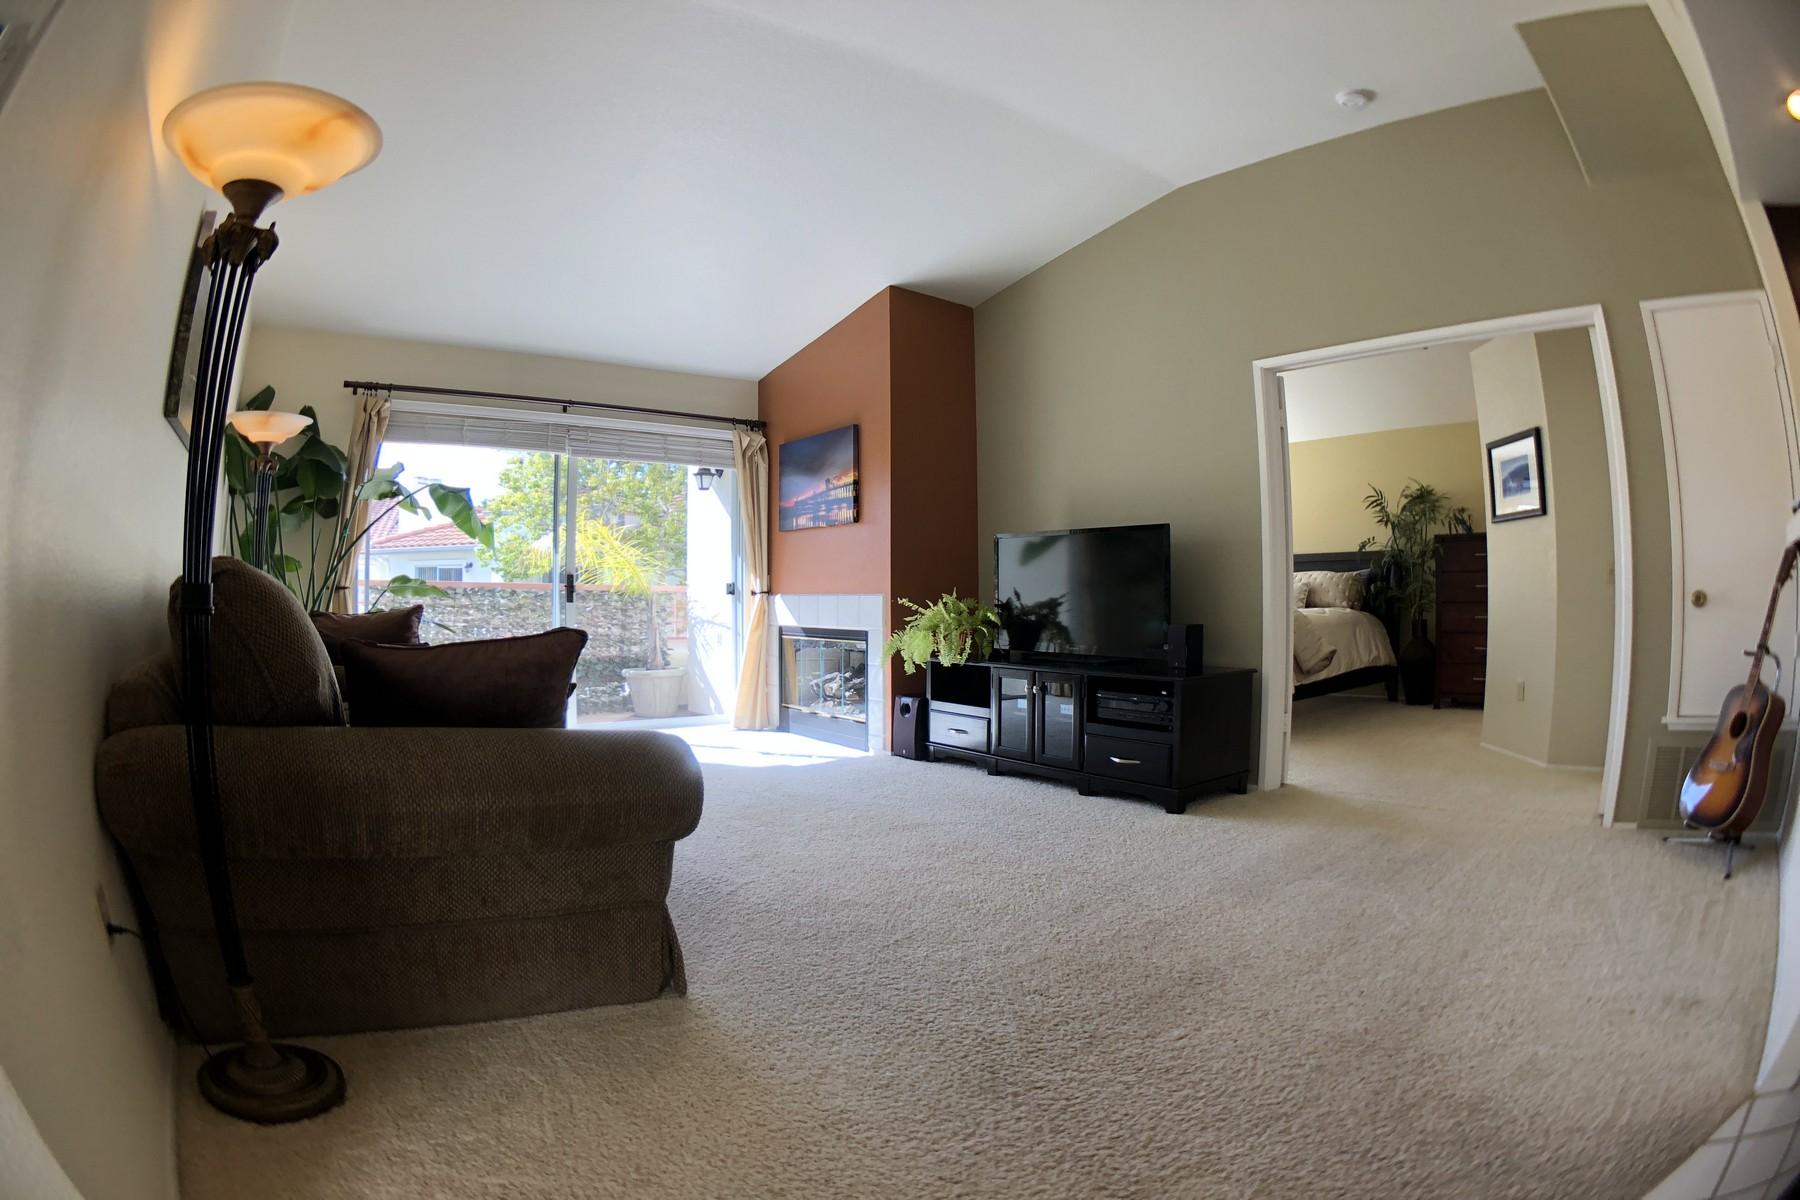 Eigentumswohnung für Verkauf beim 405 Ribbon Beach Way 249 405 Ribbon Beach Way 249 Oceanside, Kalifornien 92057 Vereinigte Staaten